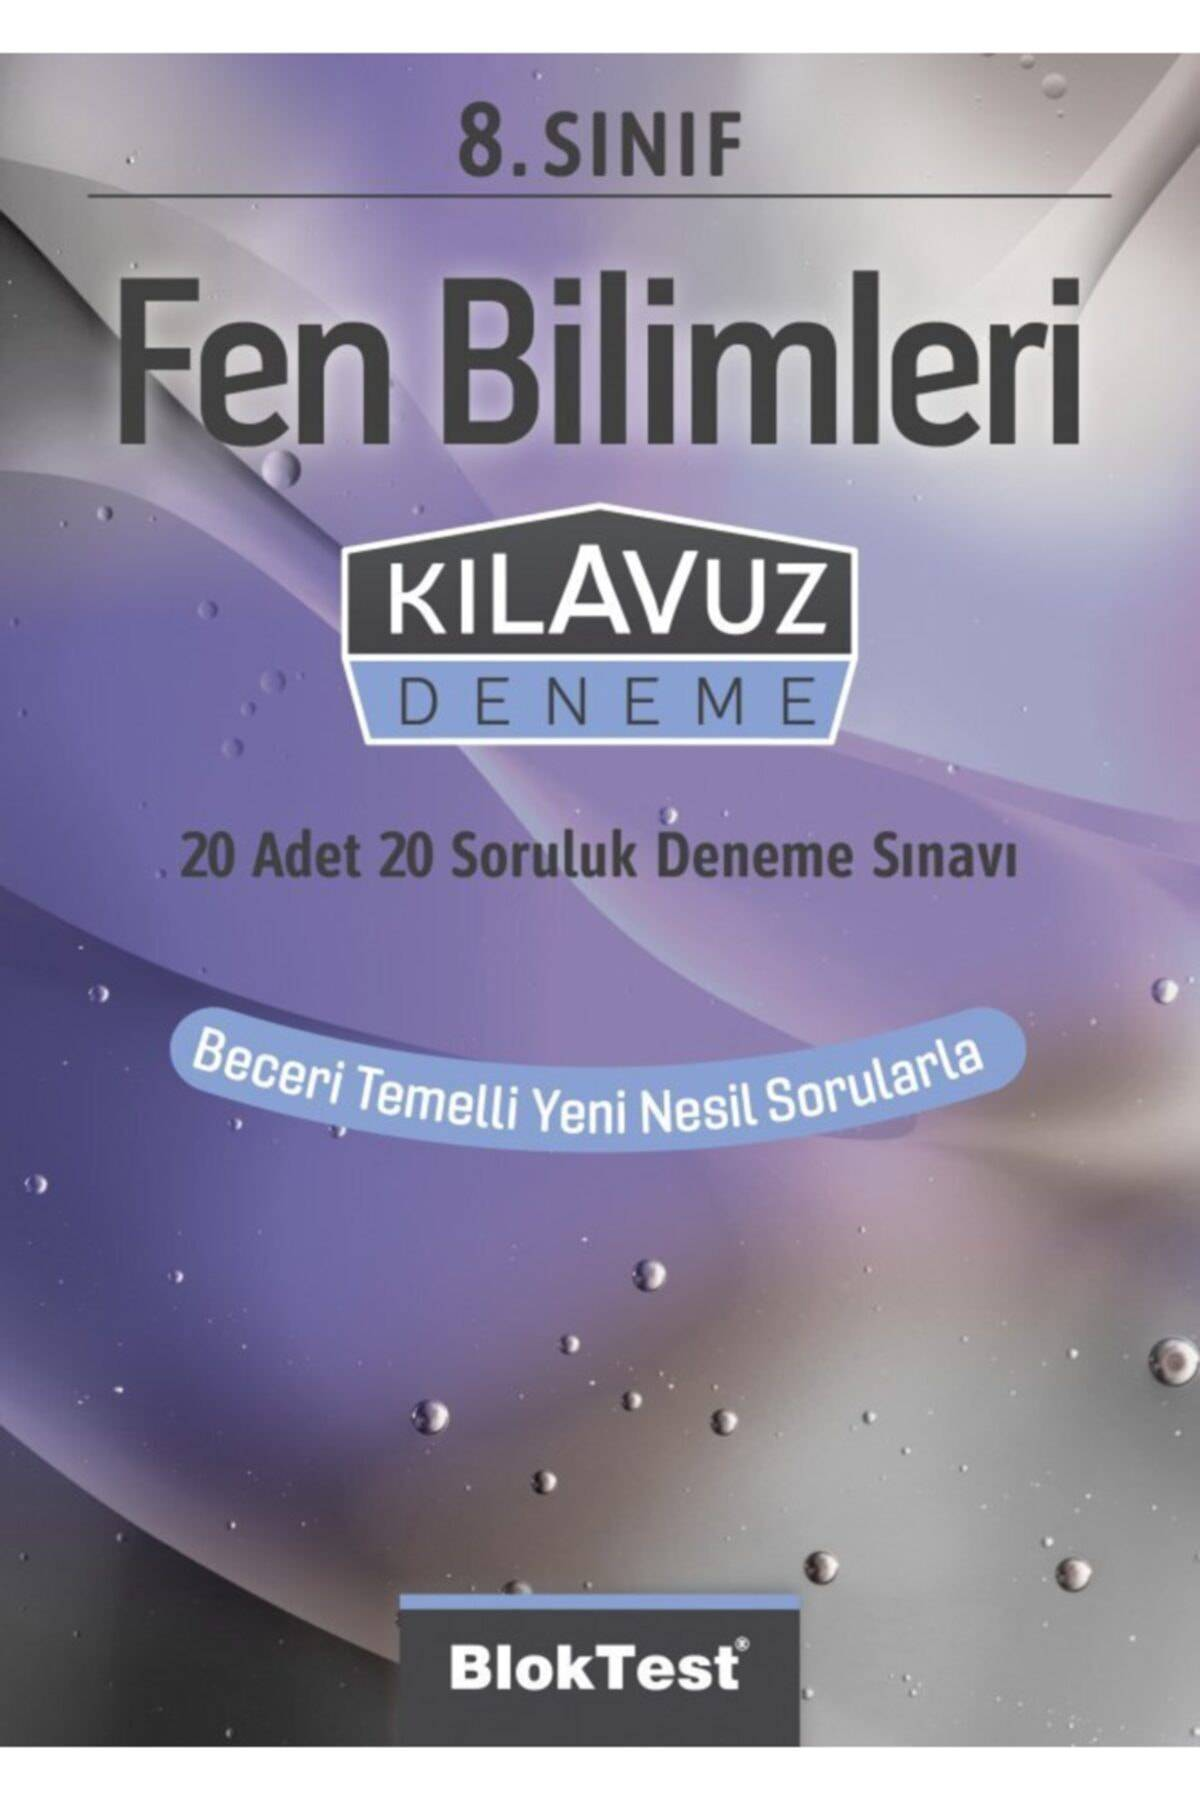 BLOKTEST 8.SINIF FEN BİLİMLERİ DENEME